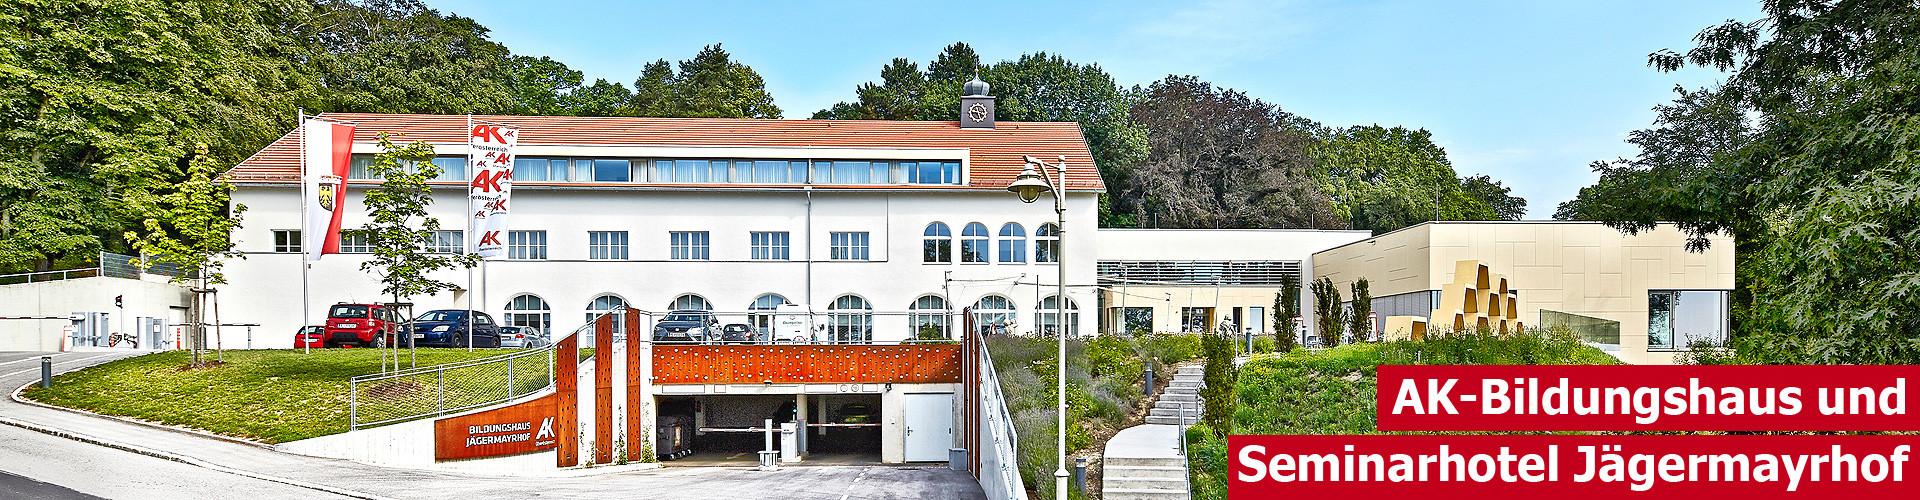 AK-Bildungshaus Jägermayrhof © Erwin Wimmer, Arbeiterkammer Oberösterreich